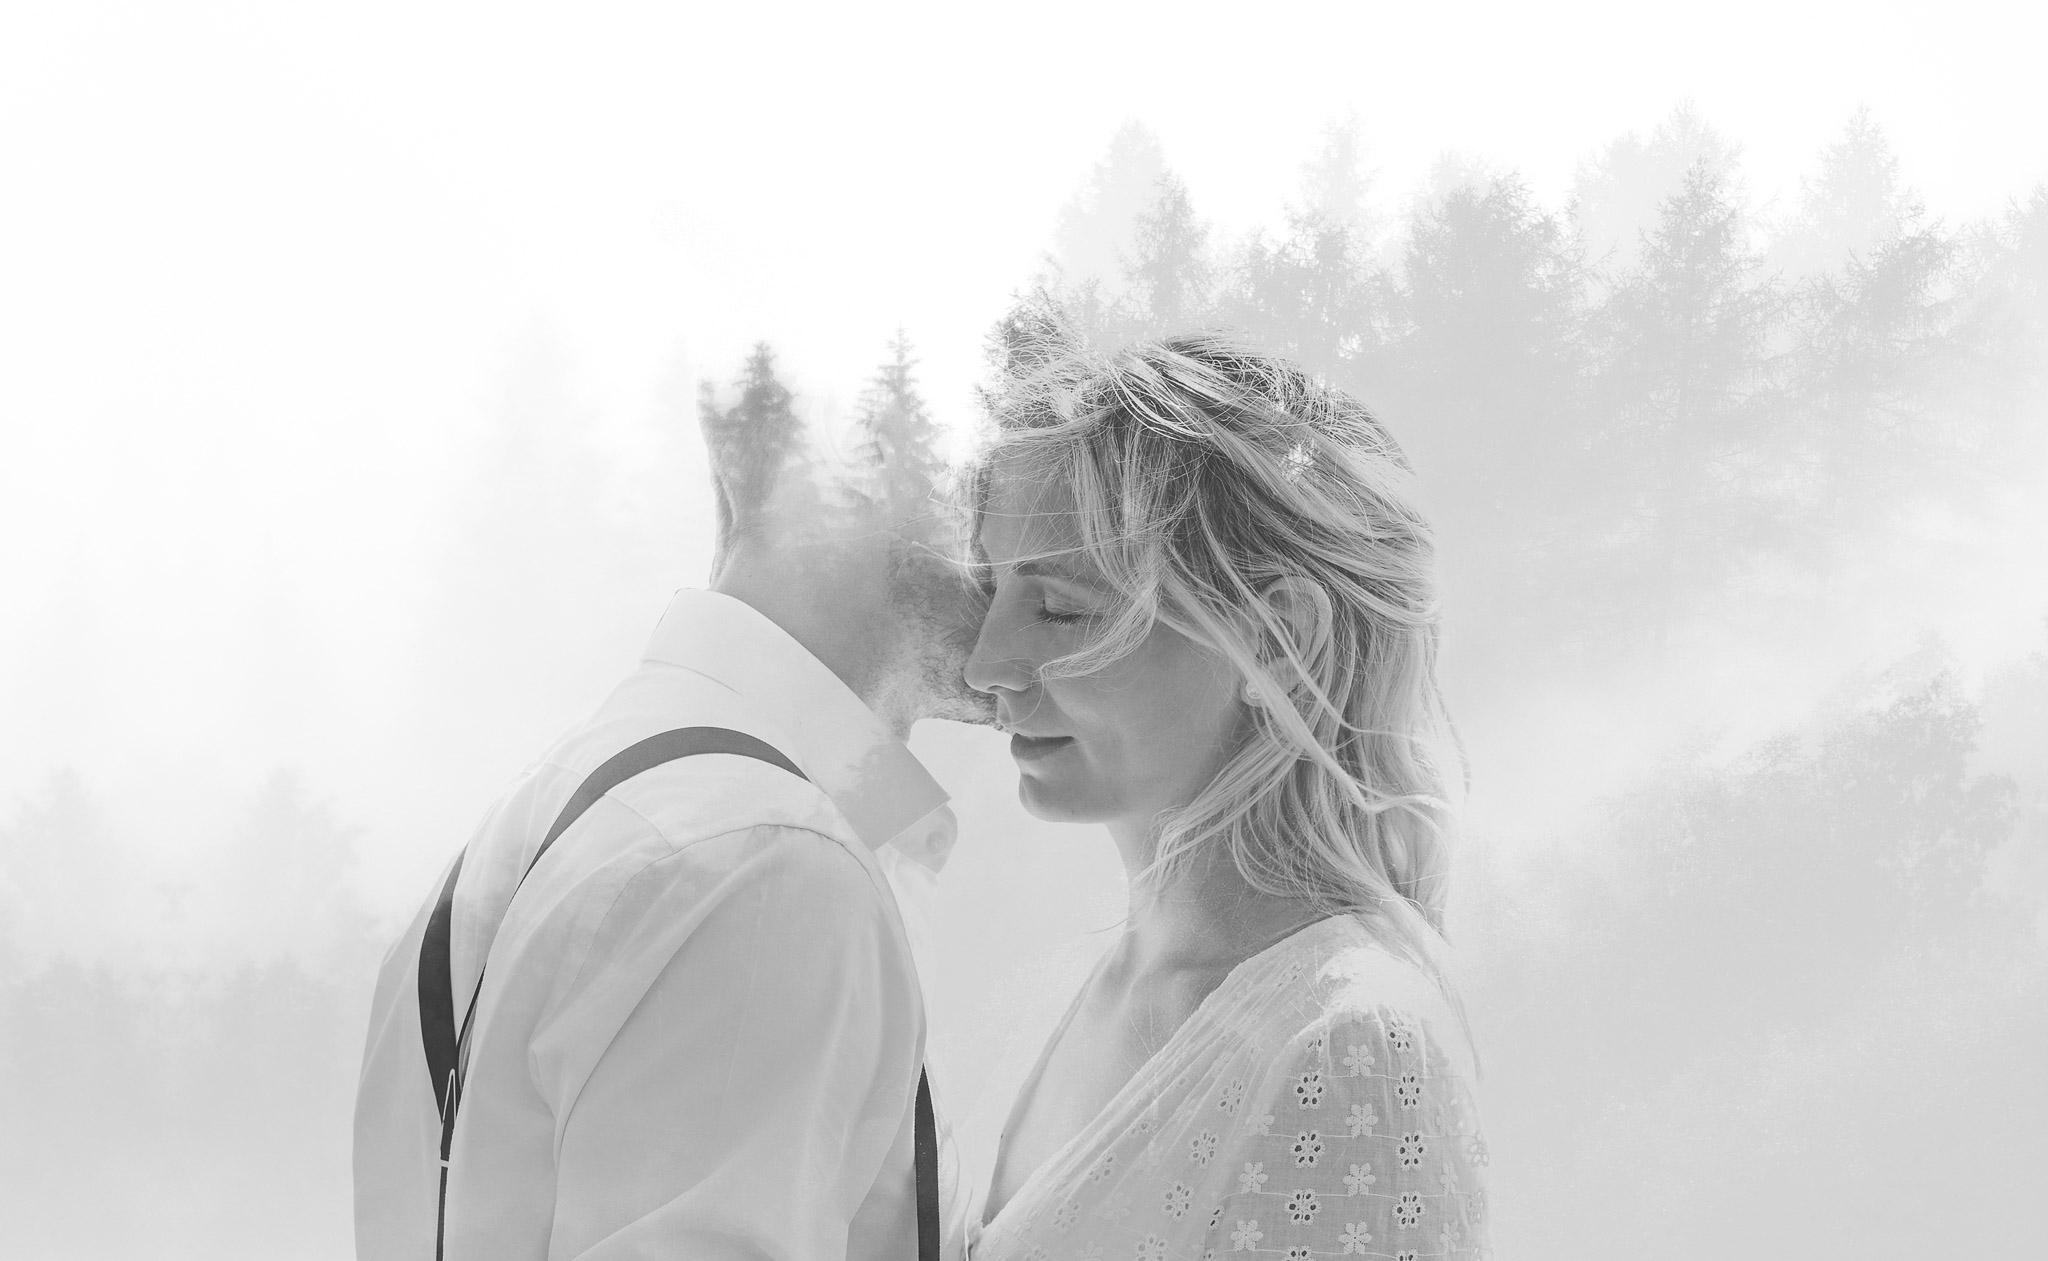 jonna jinton bröllop wedding i norrland skogsbröllop lantbröllop